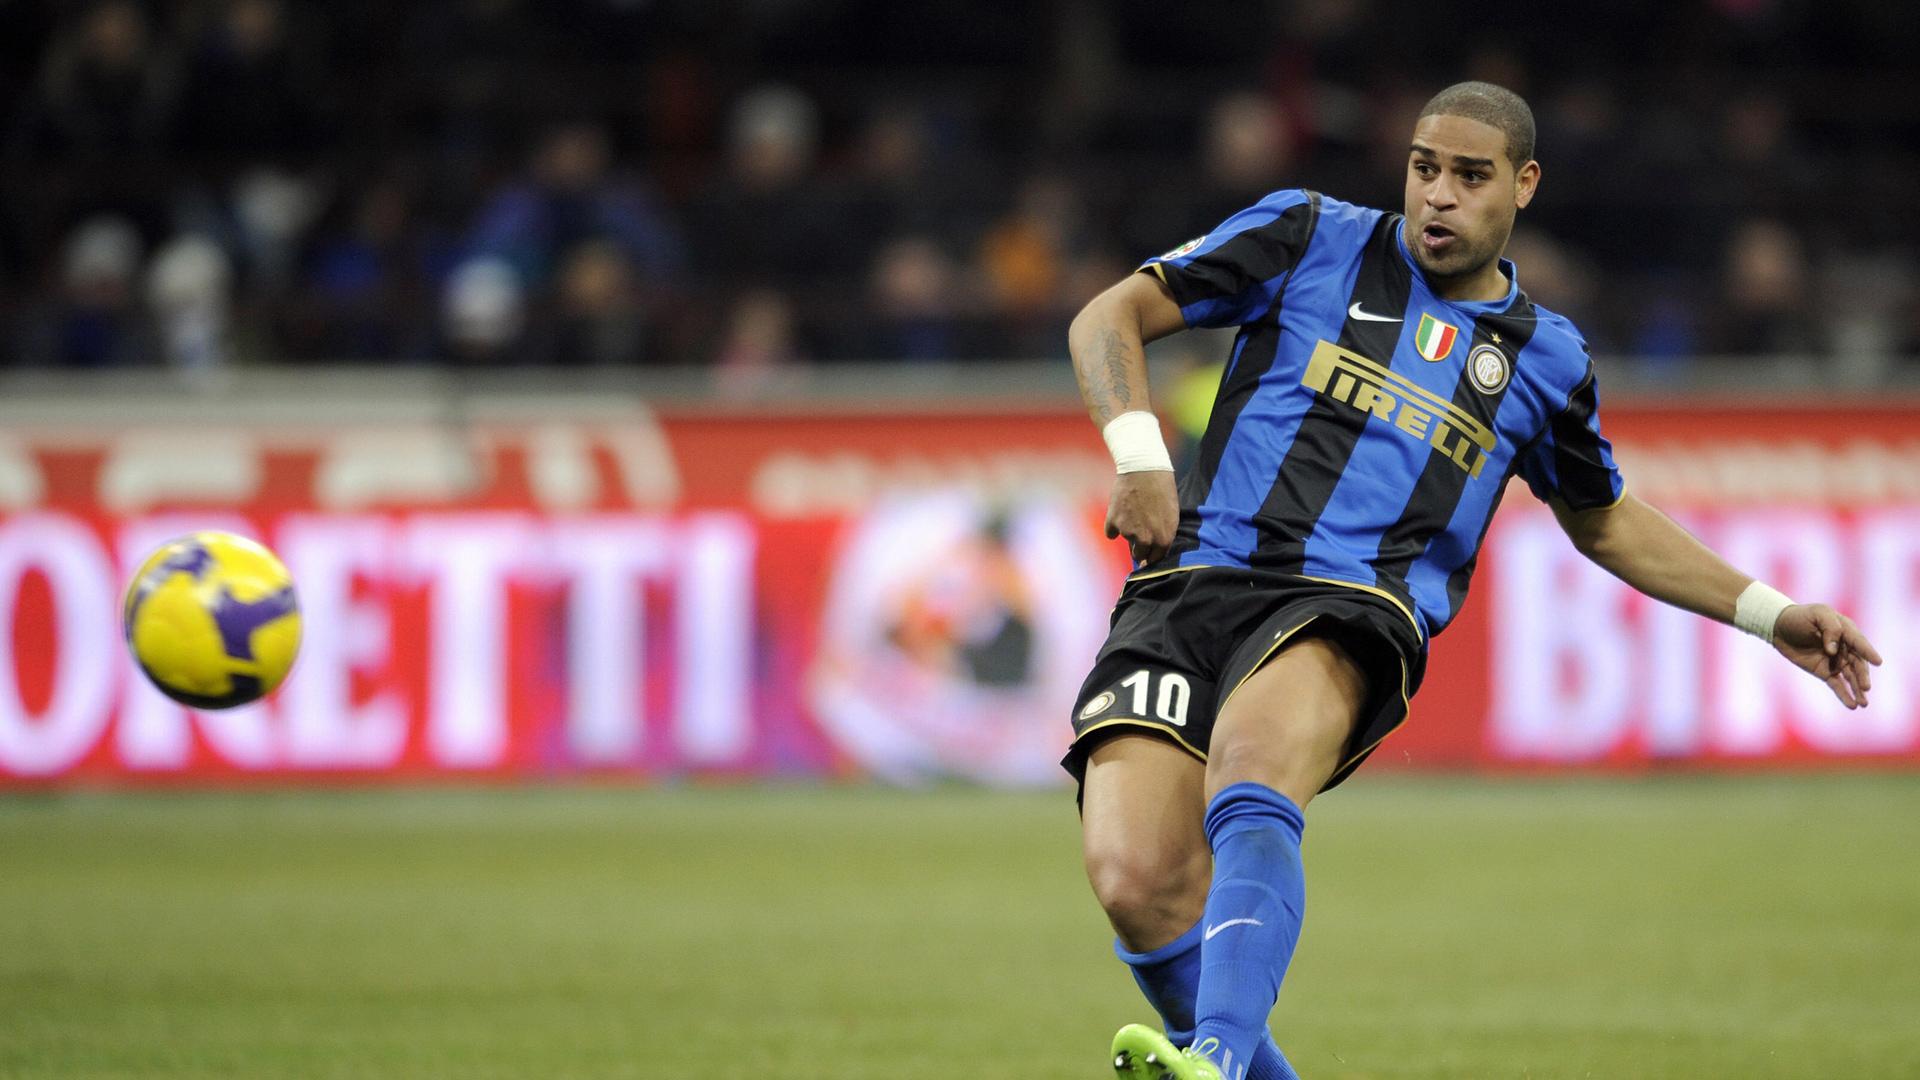 Adriano... shot power